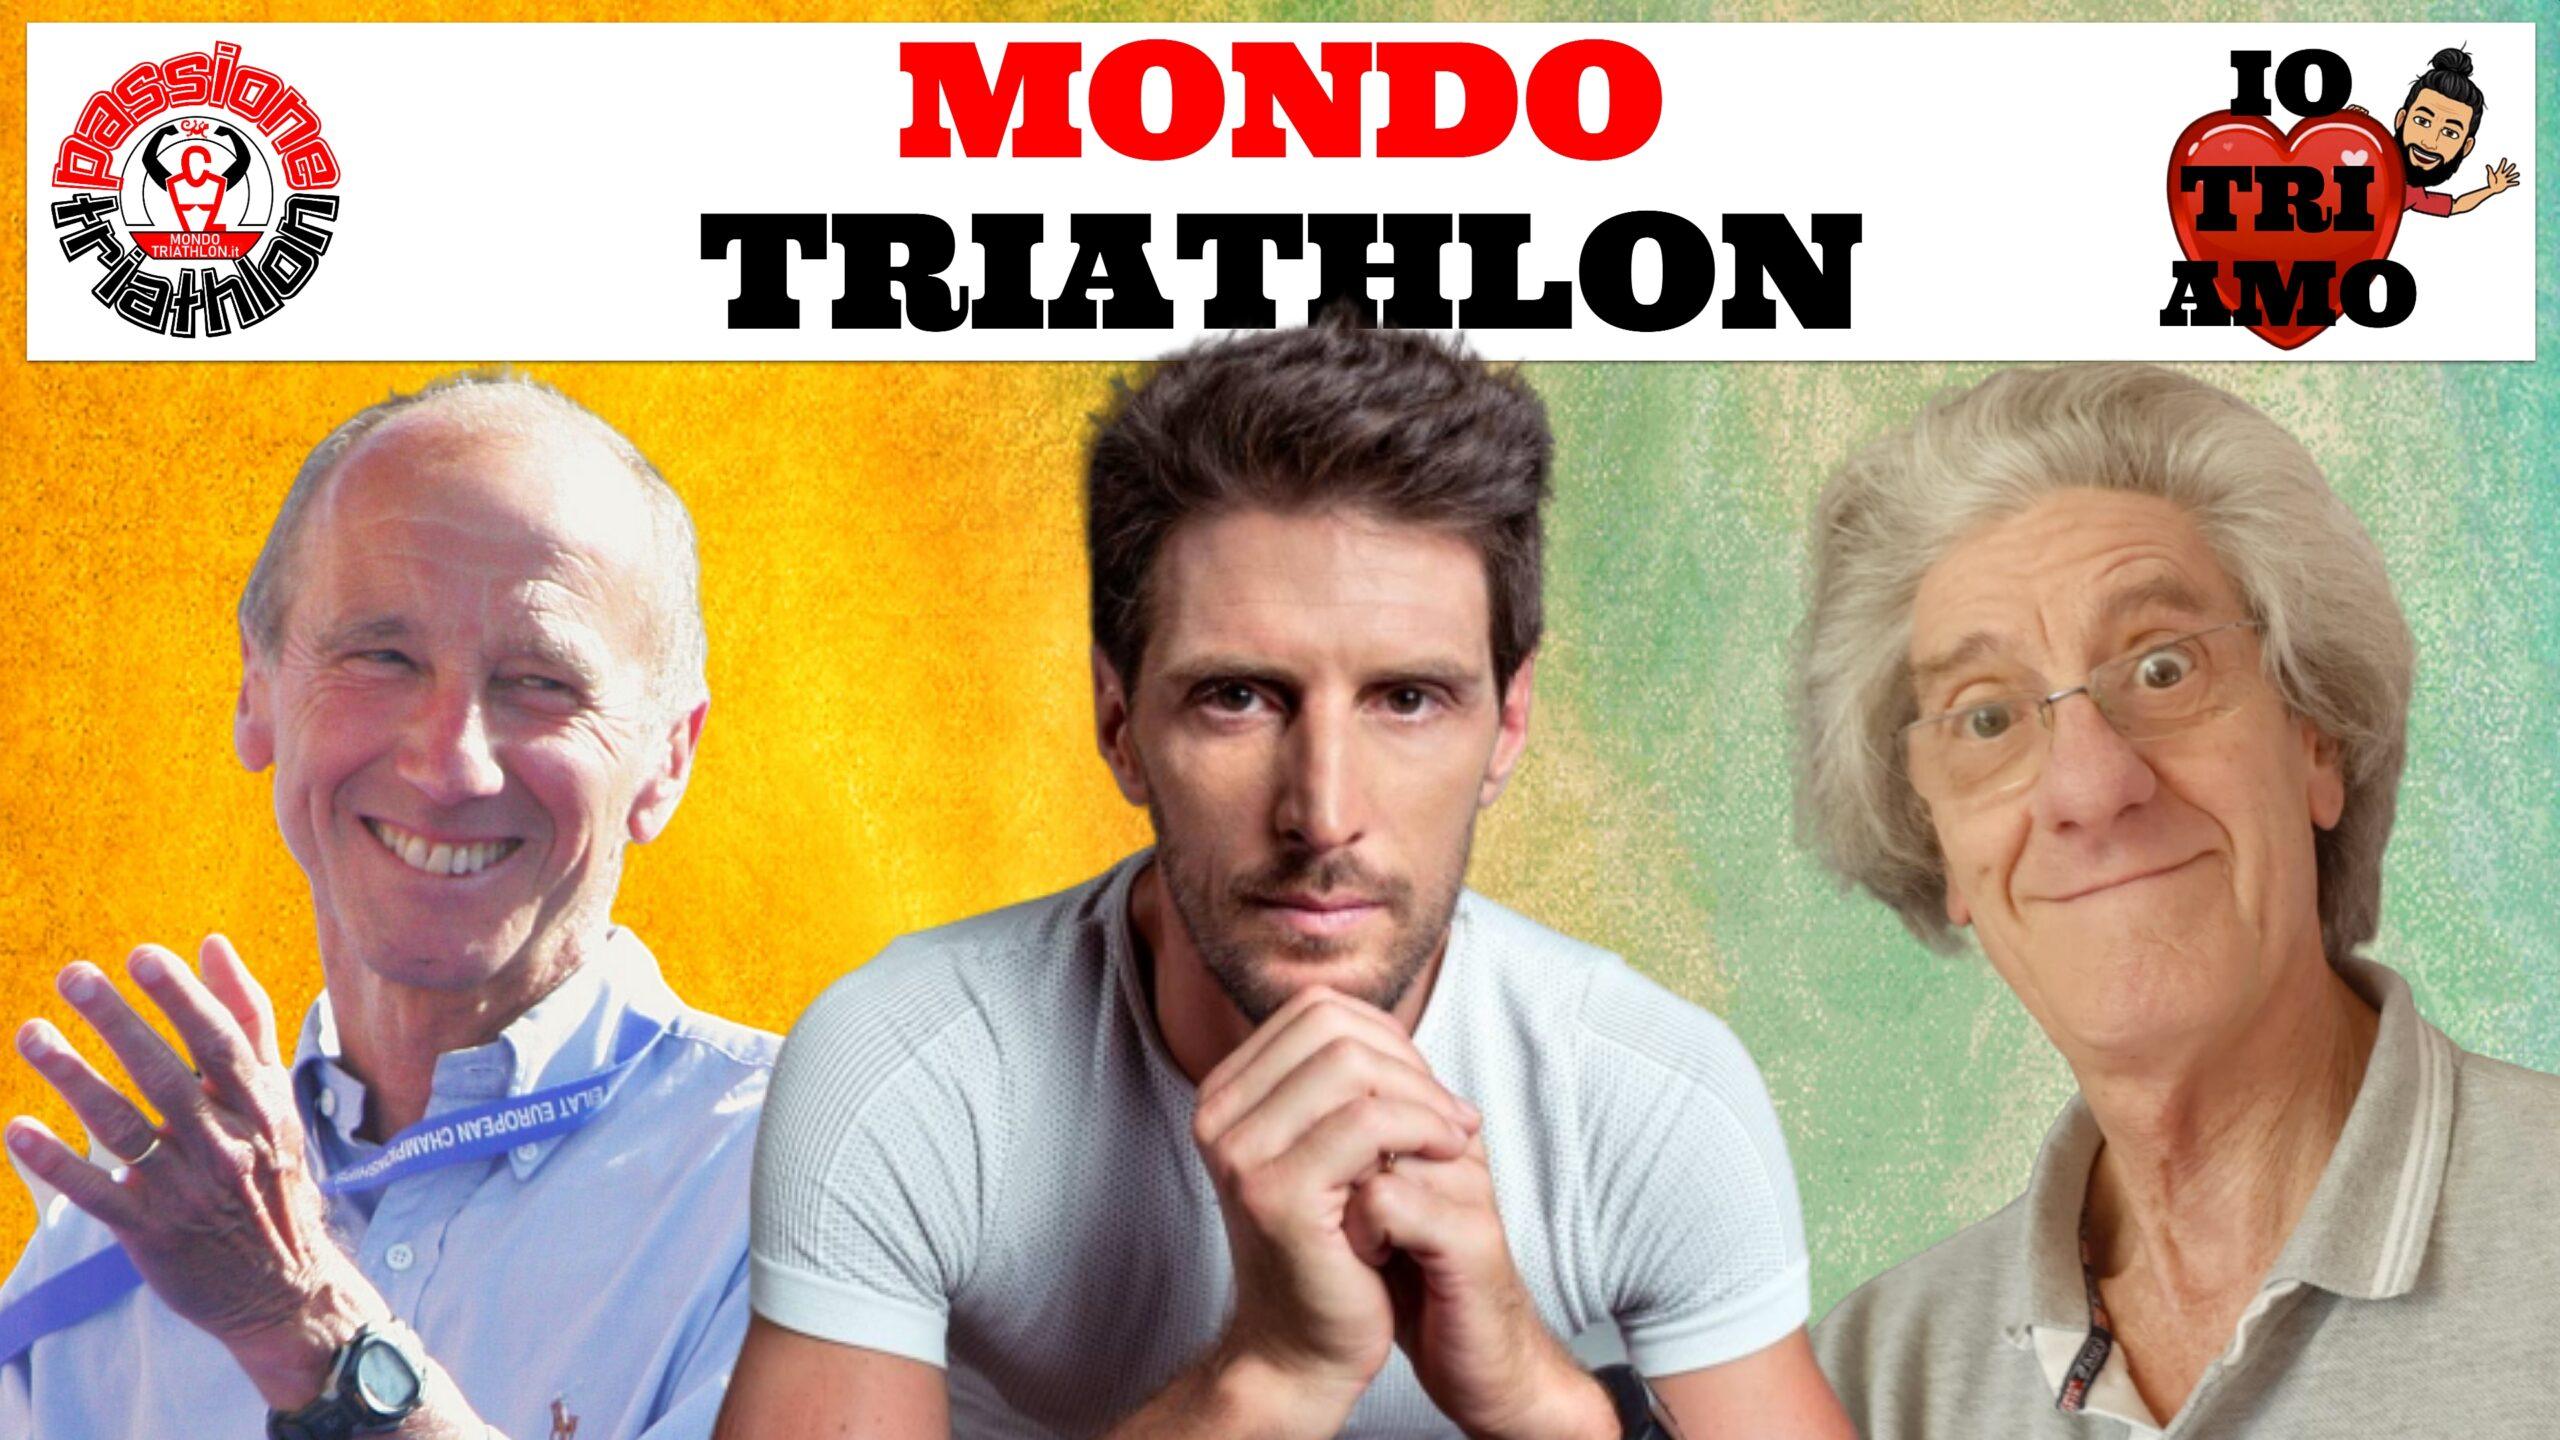 Passione Triathlon 🏊🚴🏃💗, la copertina con i protagonisti dal 29 giugno al 3 luglio 2020